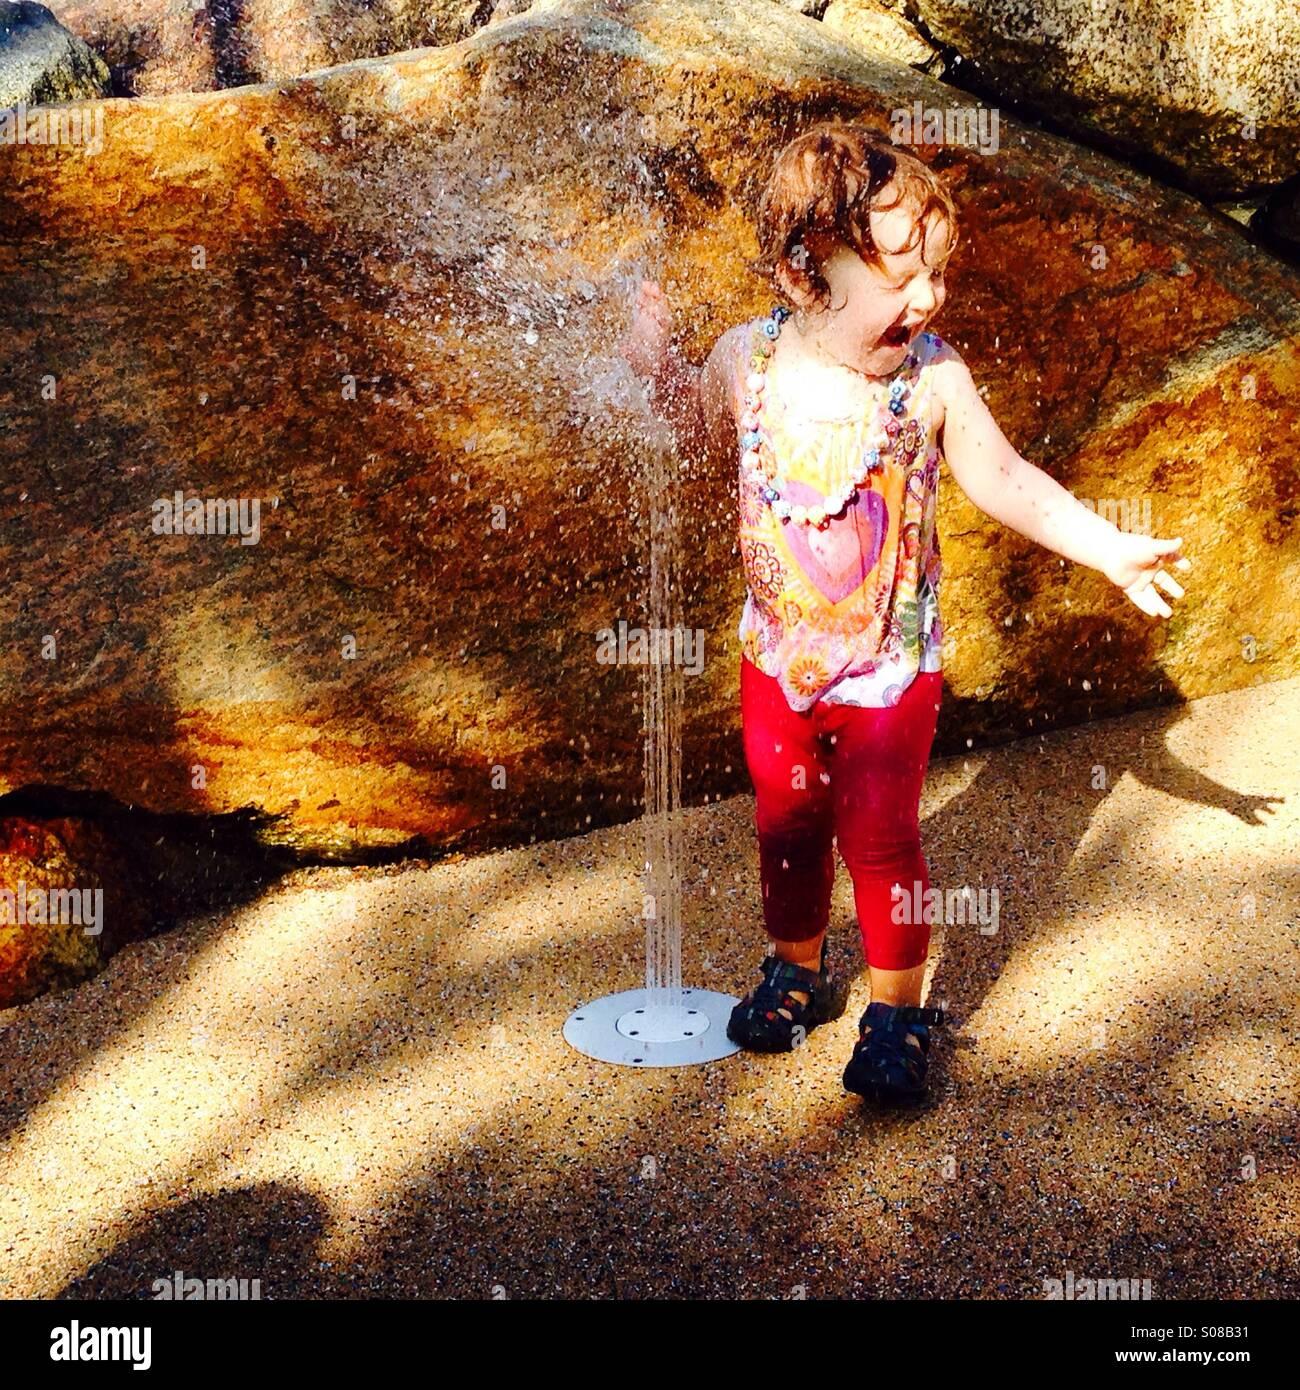 Petite fille à l'eau Photo Stock